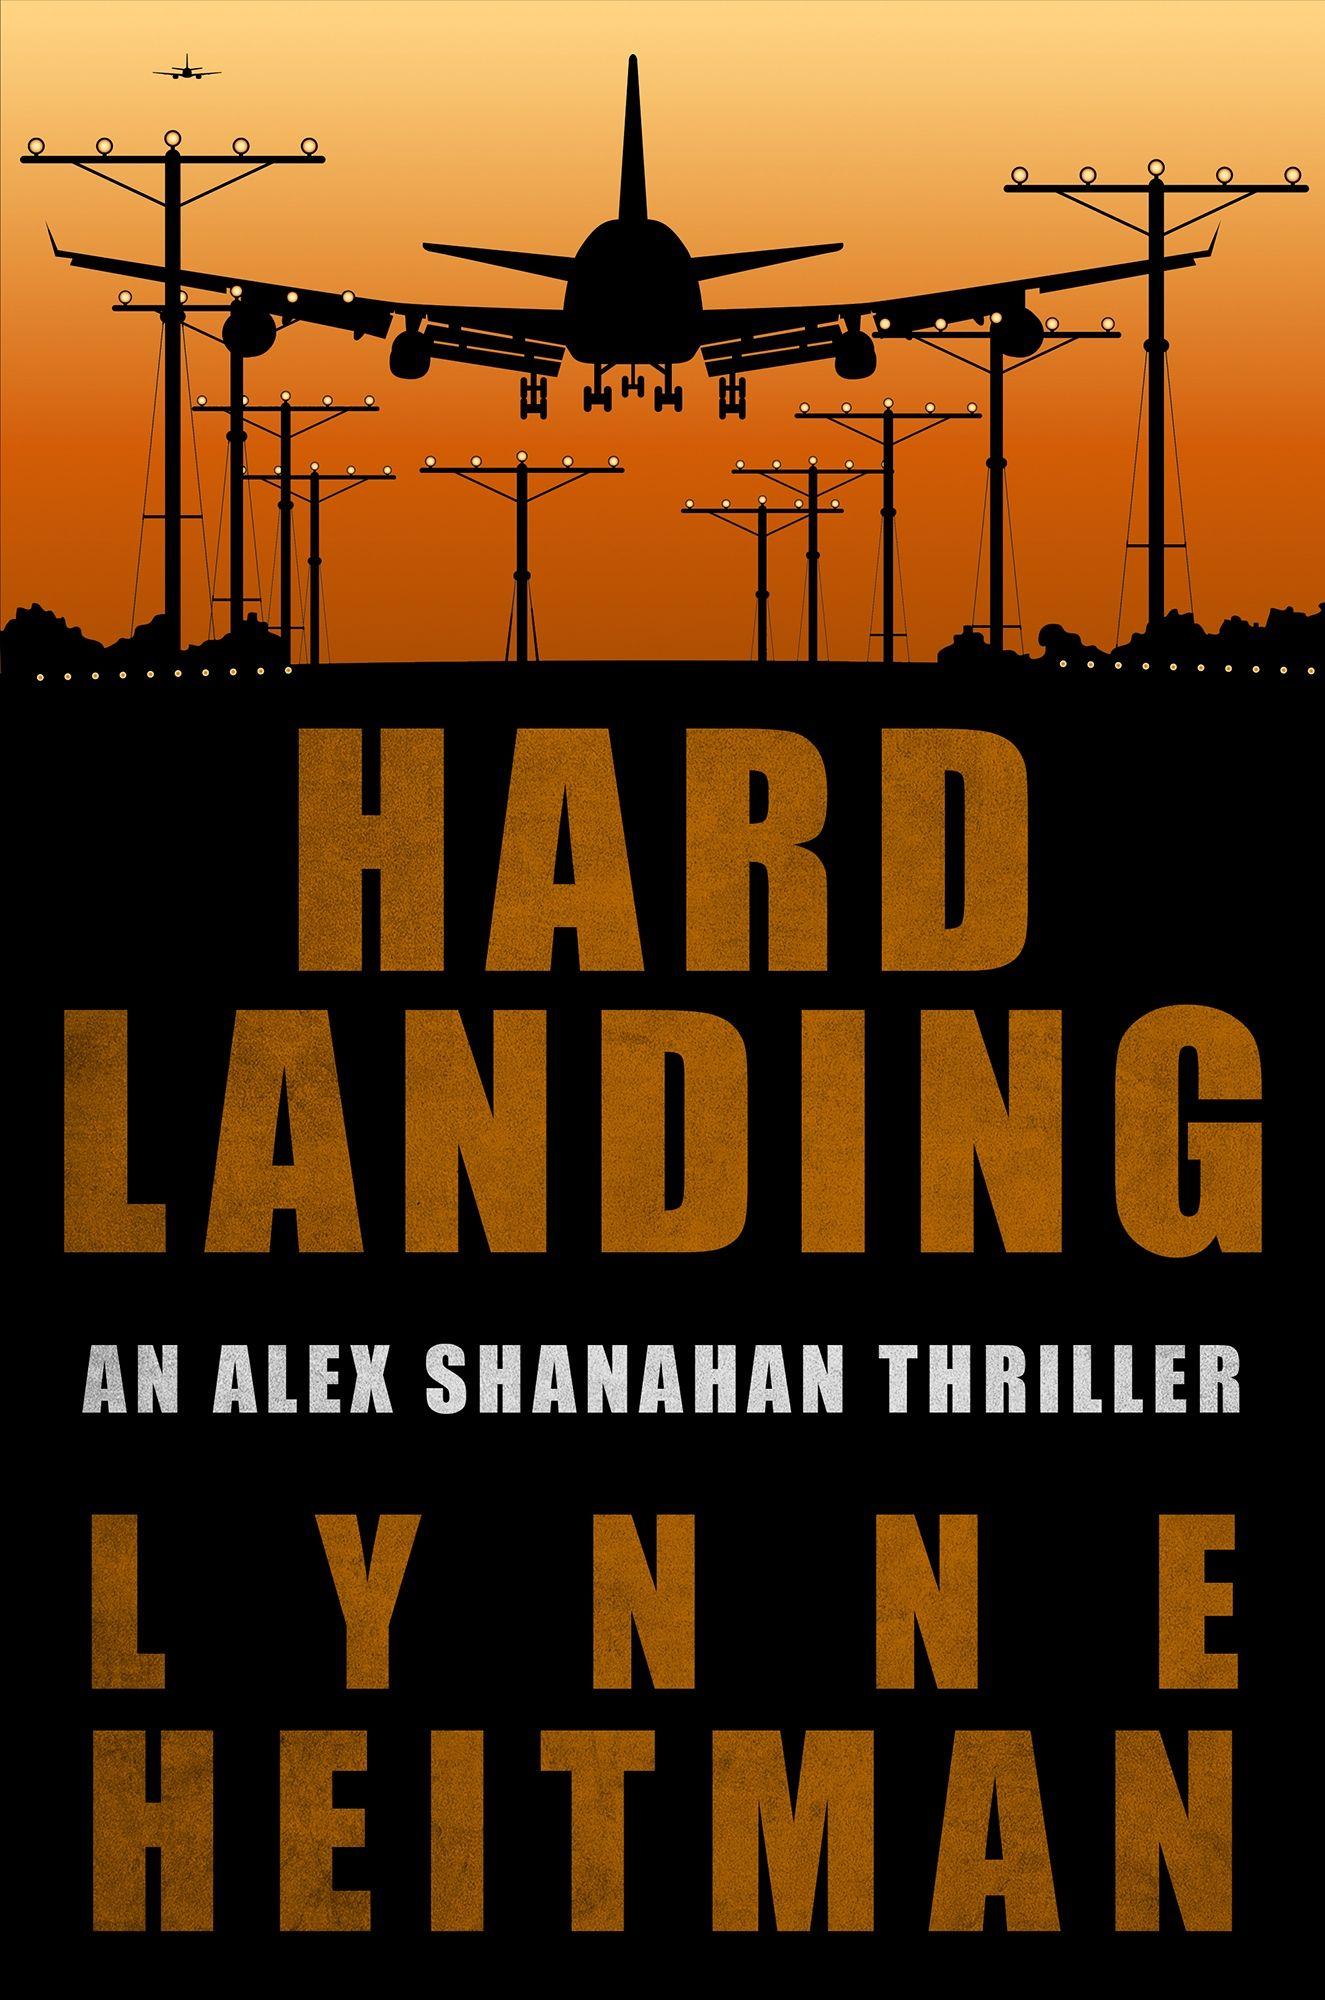 Book one in Lynne Heitman's airplane thriller series